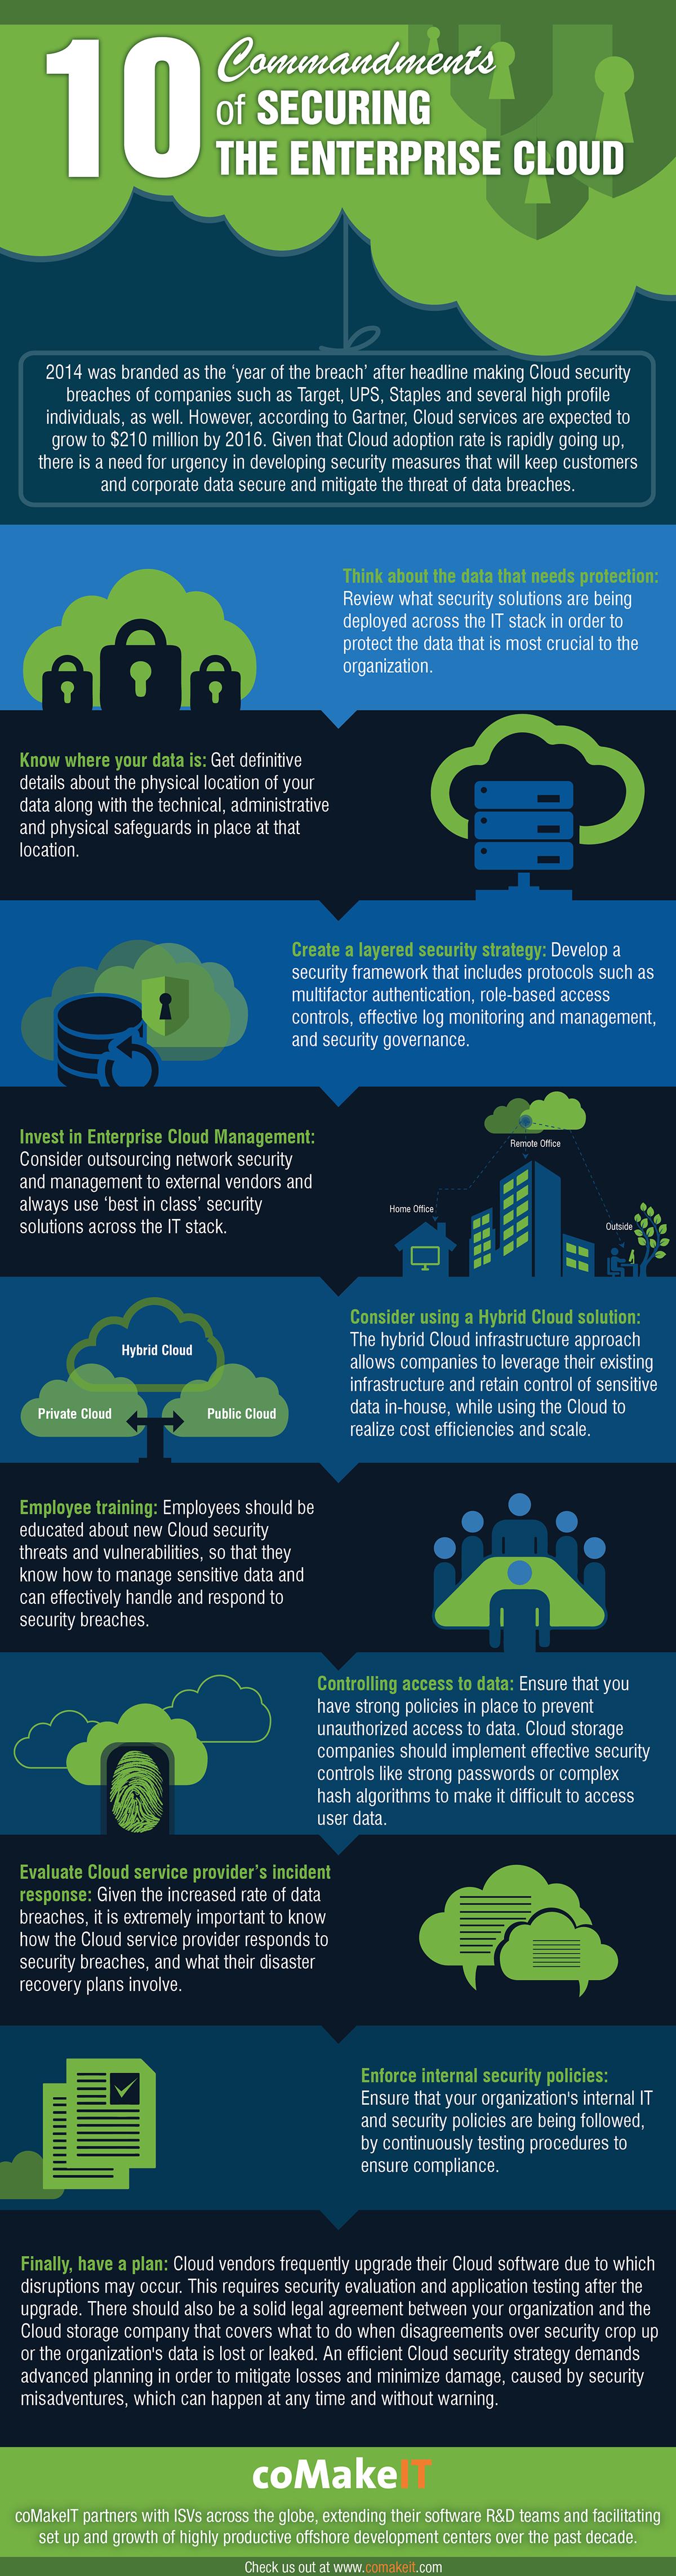 The 10 Commandments of Securing Your Enterprise Cloud